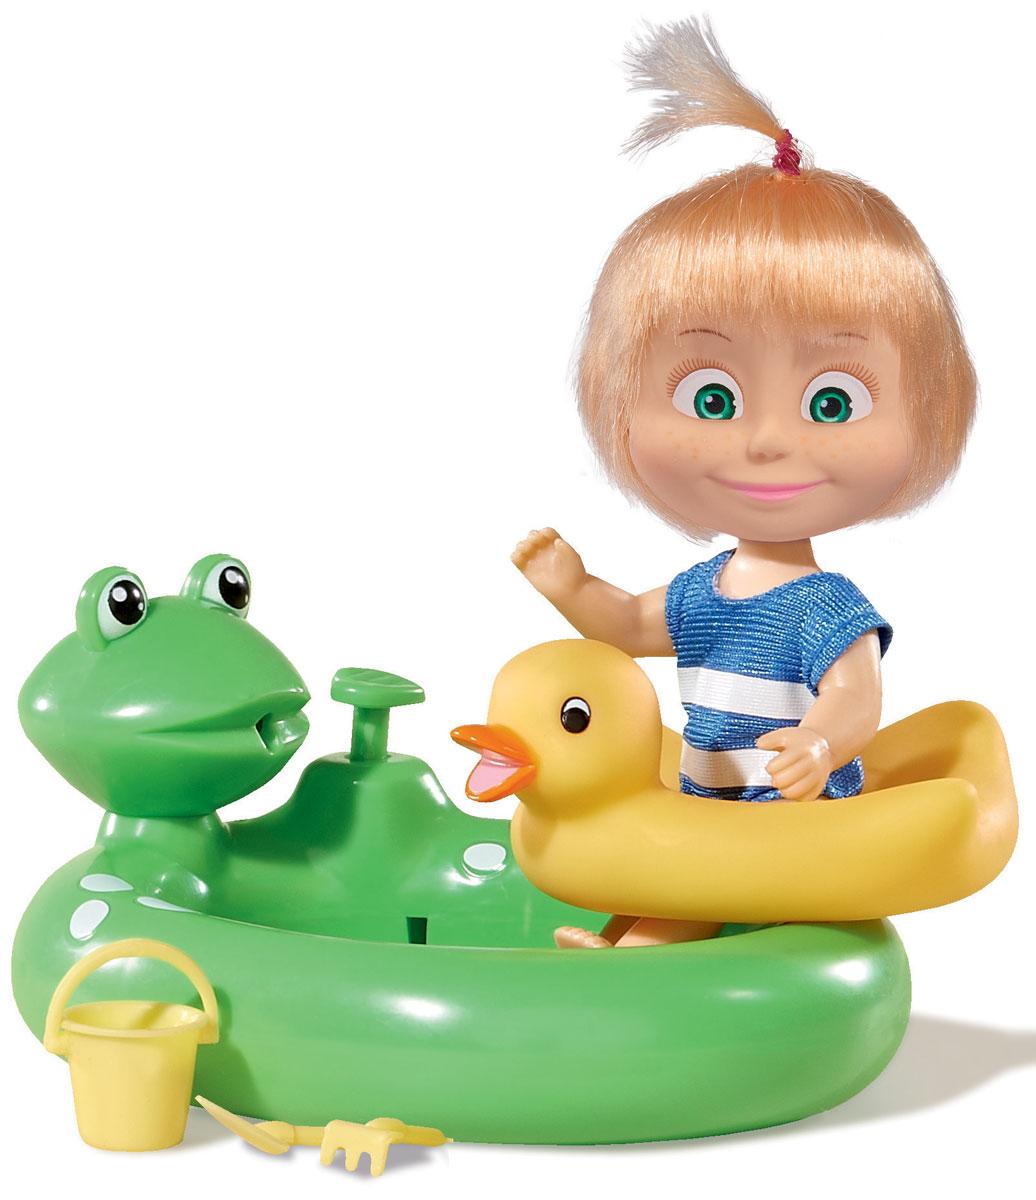 Simba Игровой набор Маша с бассейном9301698Игровой набор с мини-куклой Маша непременно понравится вашей малышке и надолго займет ее внимание. Игрушка выполнена из безопасного материала в виде персонажа Маши из мультсериала Маша и Медведь. Маша резвится в бассейне. Куколка одета в купальный костюмчик. В наборе: бассейн c функцией брызг в виде лягушонка, спасательный круг, ведёрко, грабли и лопатка. Ручки, ножки и голова у Маши подвижны. У куколки зеленые глаза и загадочная улыбка, а на голове - забавный хвостик. Оригинальный стиль и великолепное качество исполнения делают эту игрушку чудесным подарком к любому празднику, а жизнерадостный образ представит такой подарок в самом лучшем свете.